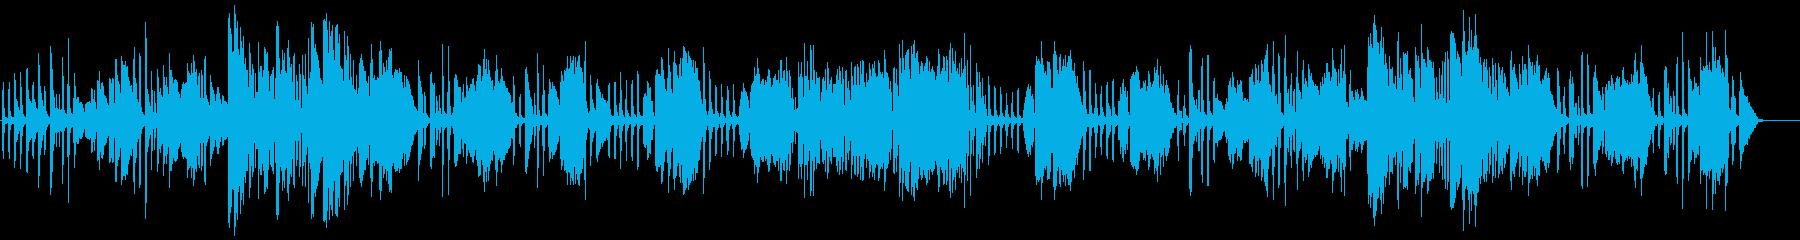 ベッカー/ガヴォットをヴァイオリンでの再生済みの波形